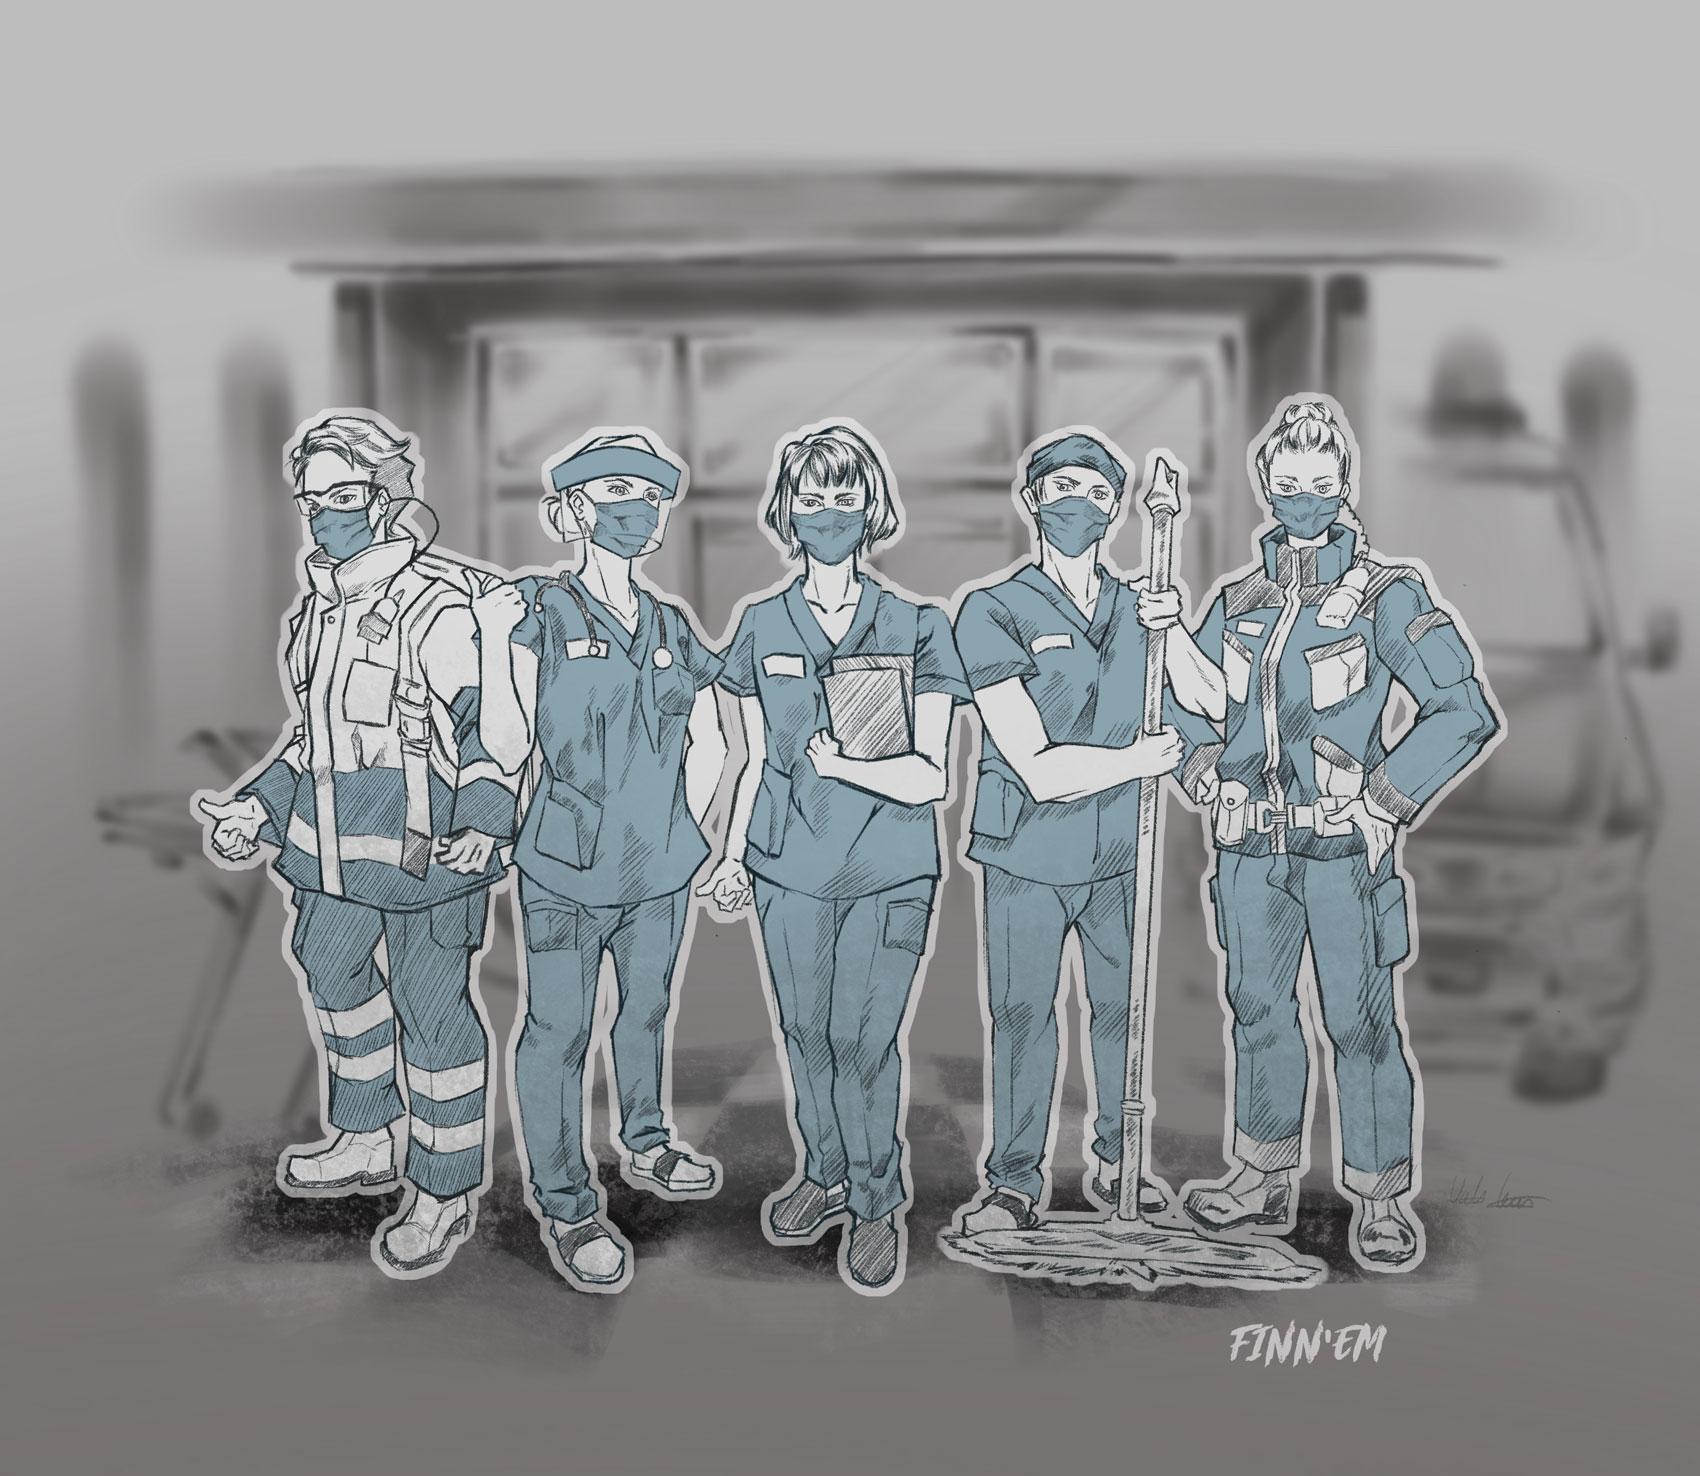 FinnHELP-keskusteluapua sote-ammattilaisille – auttajaankin voi sattua